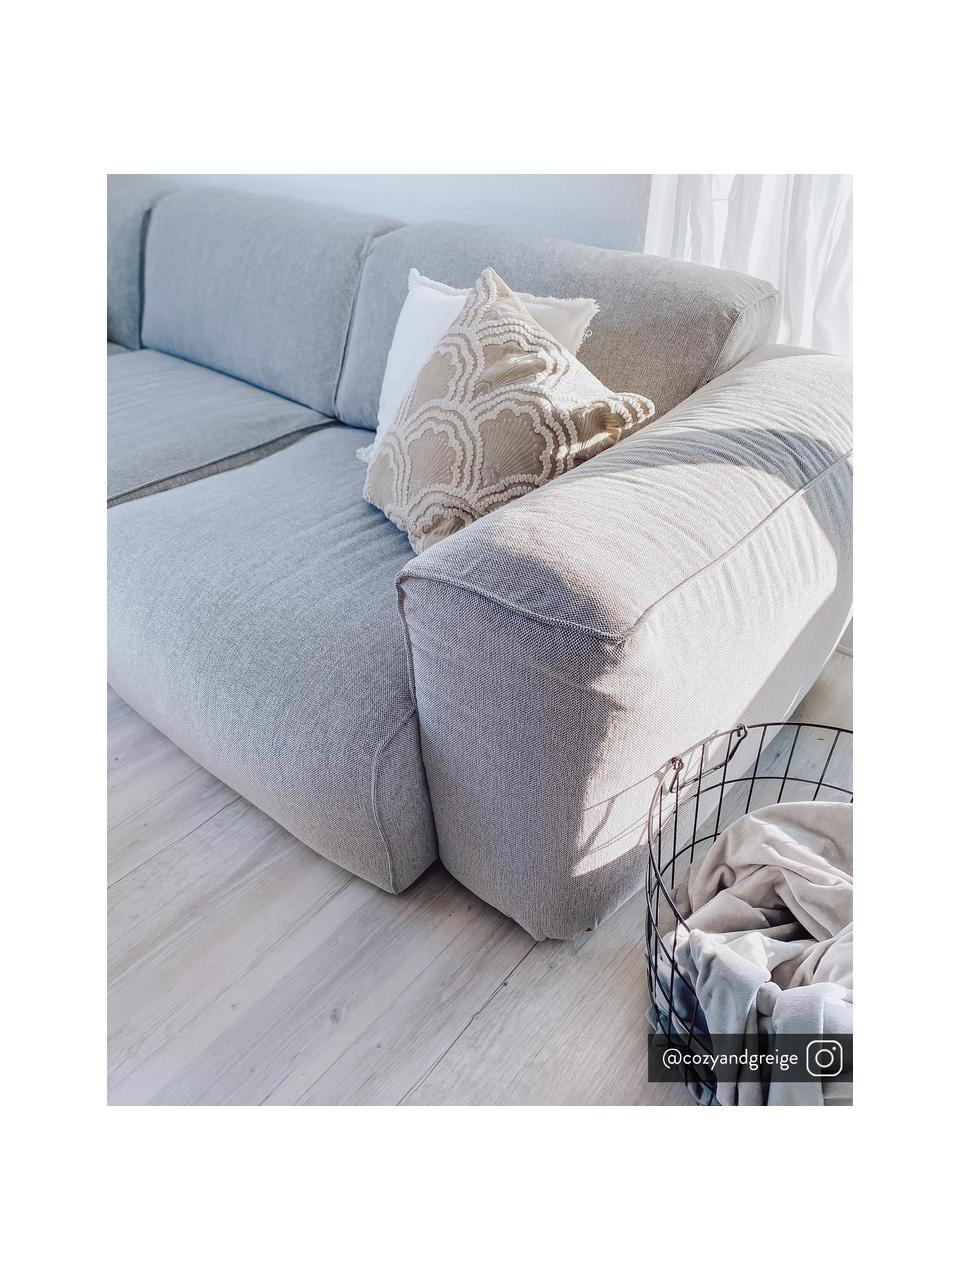 Bestickte Samt-Kissenhülle Chelsey mit Hoch-Tief-Muster, 100% Baumwollsamt, Hellbeige, 45 x 45 cm